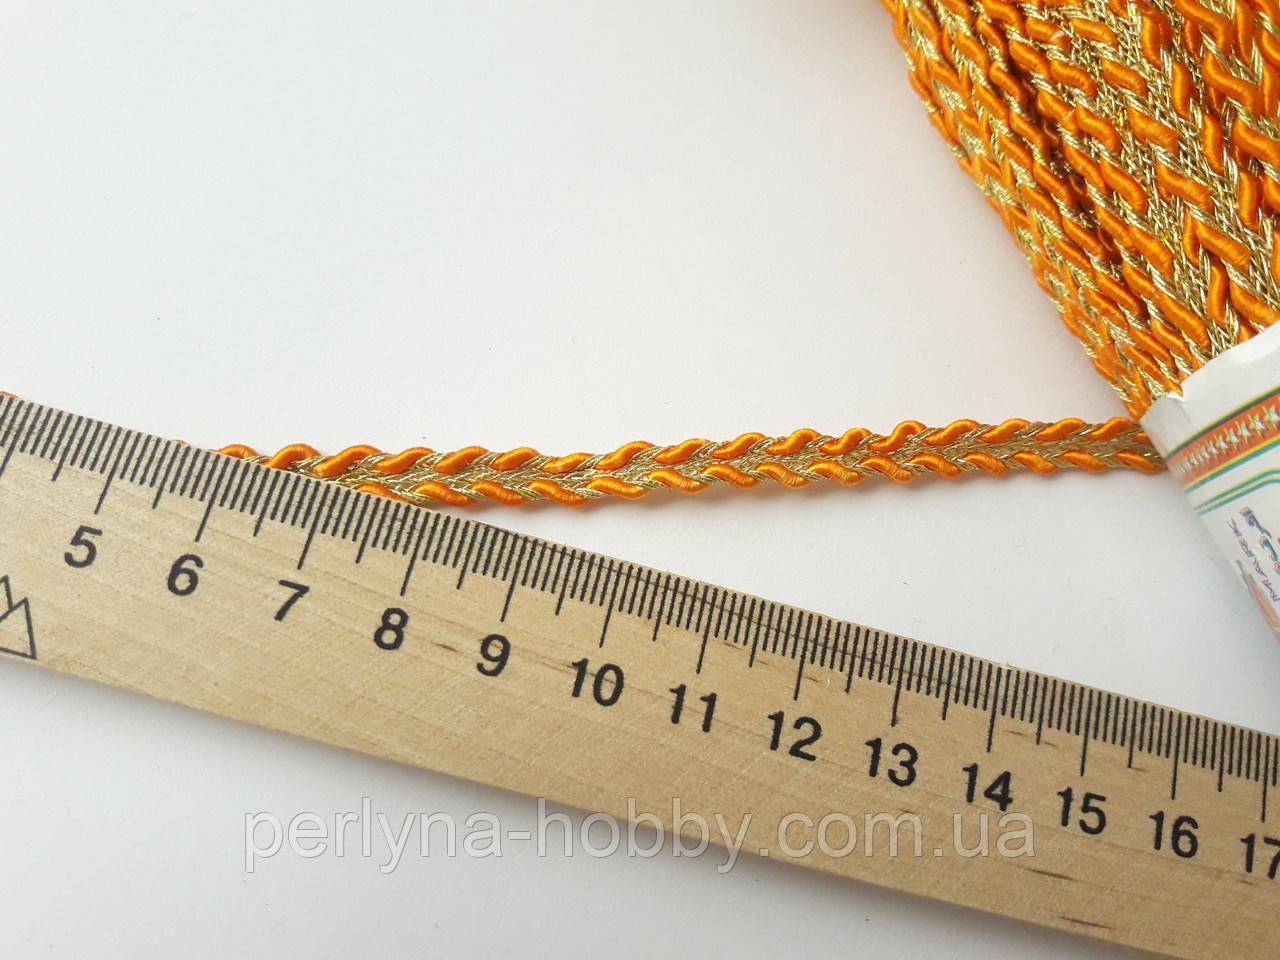 Тесьма декоративная Тасьма сутаж декоративна з люрексом 6 мм оранжева